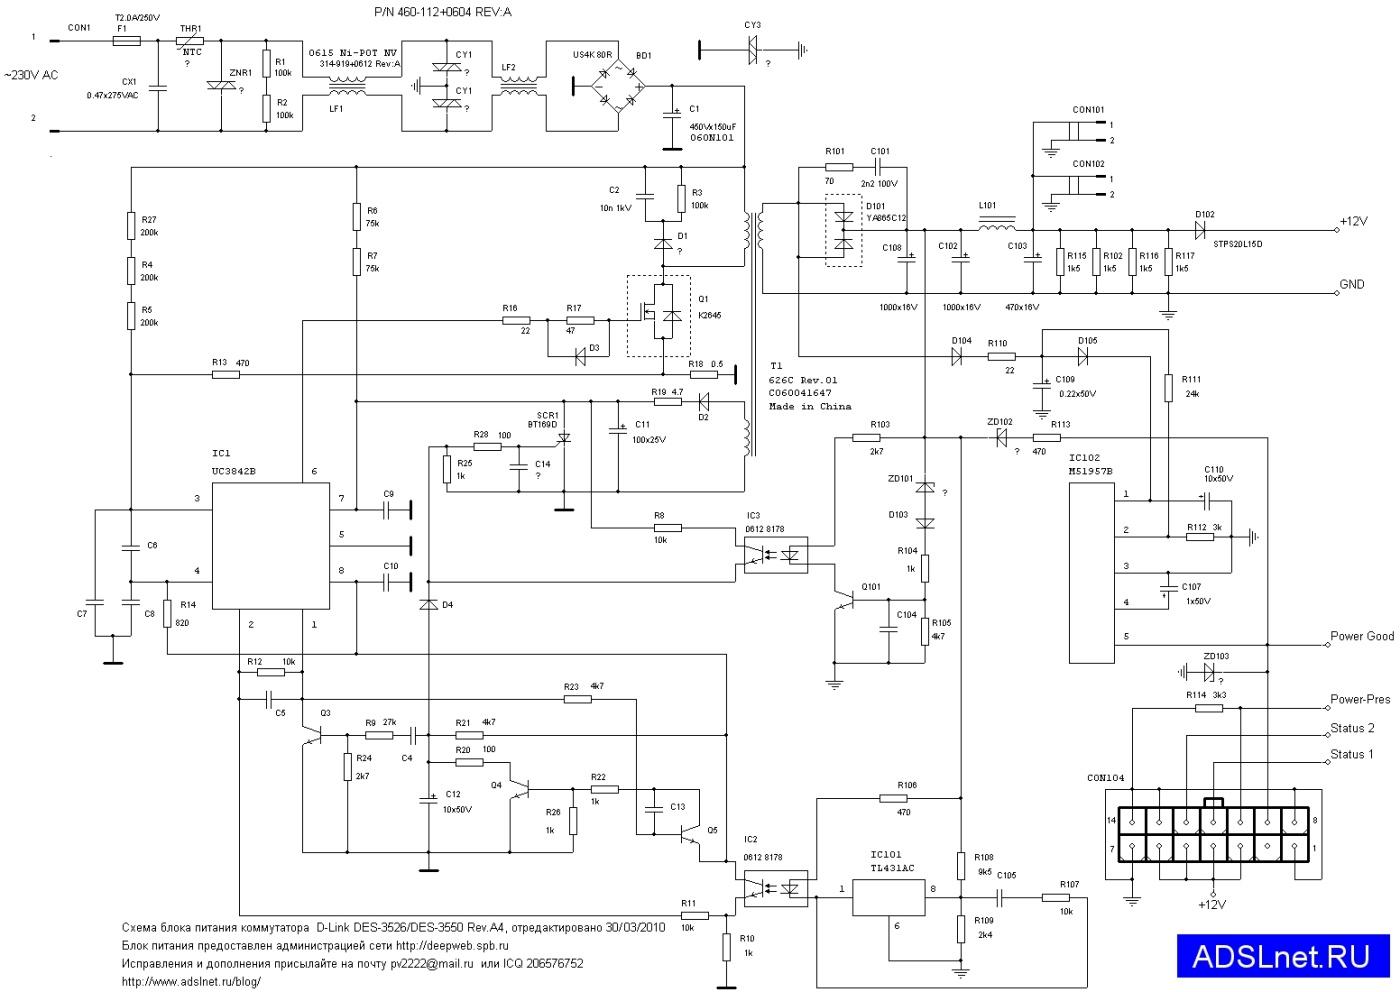 Схема адаптера gfp252-0512